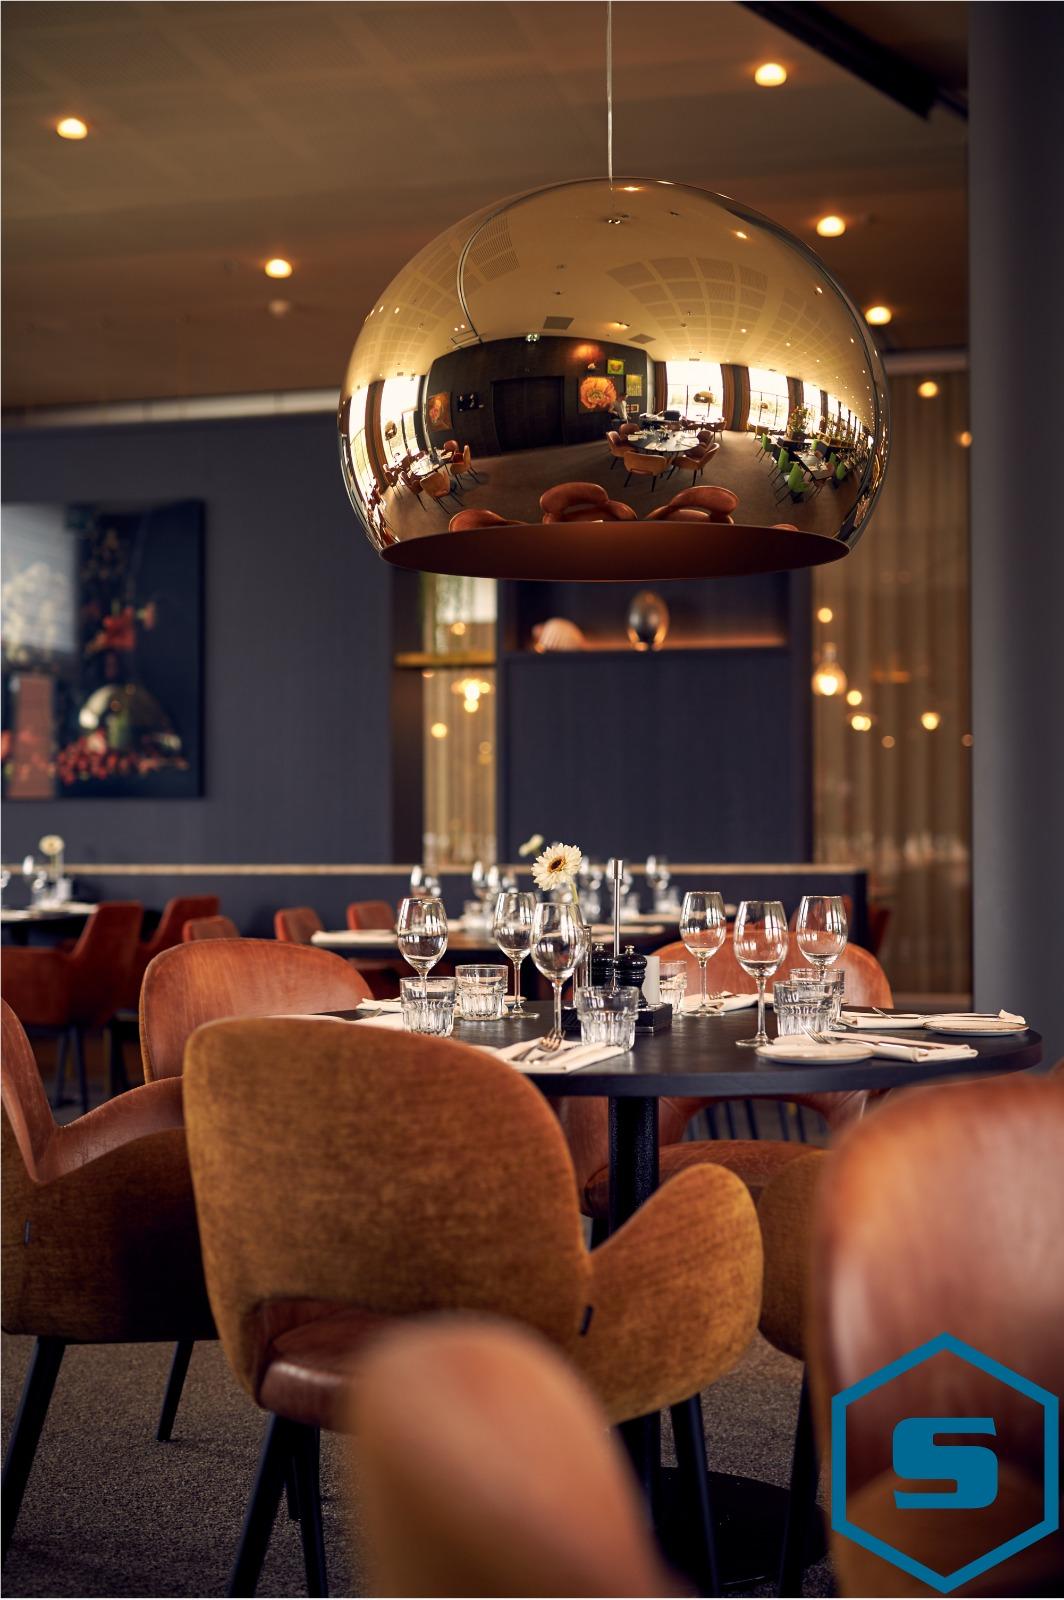 Is het interieur van uw restaurant al Instagramwaardig?